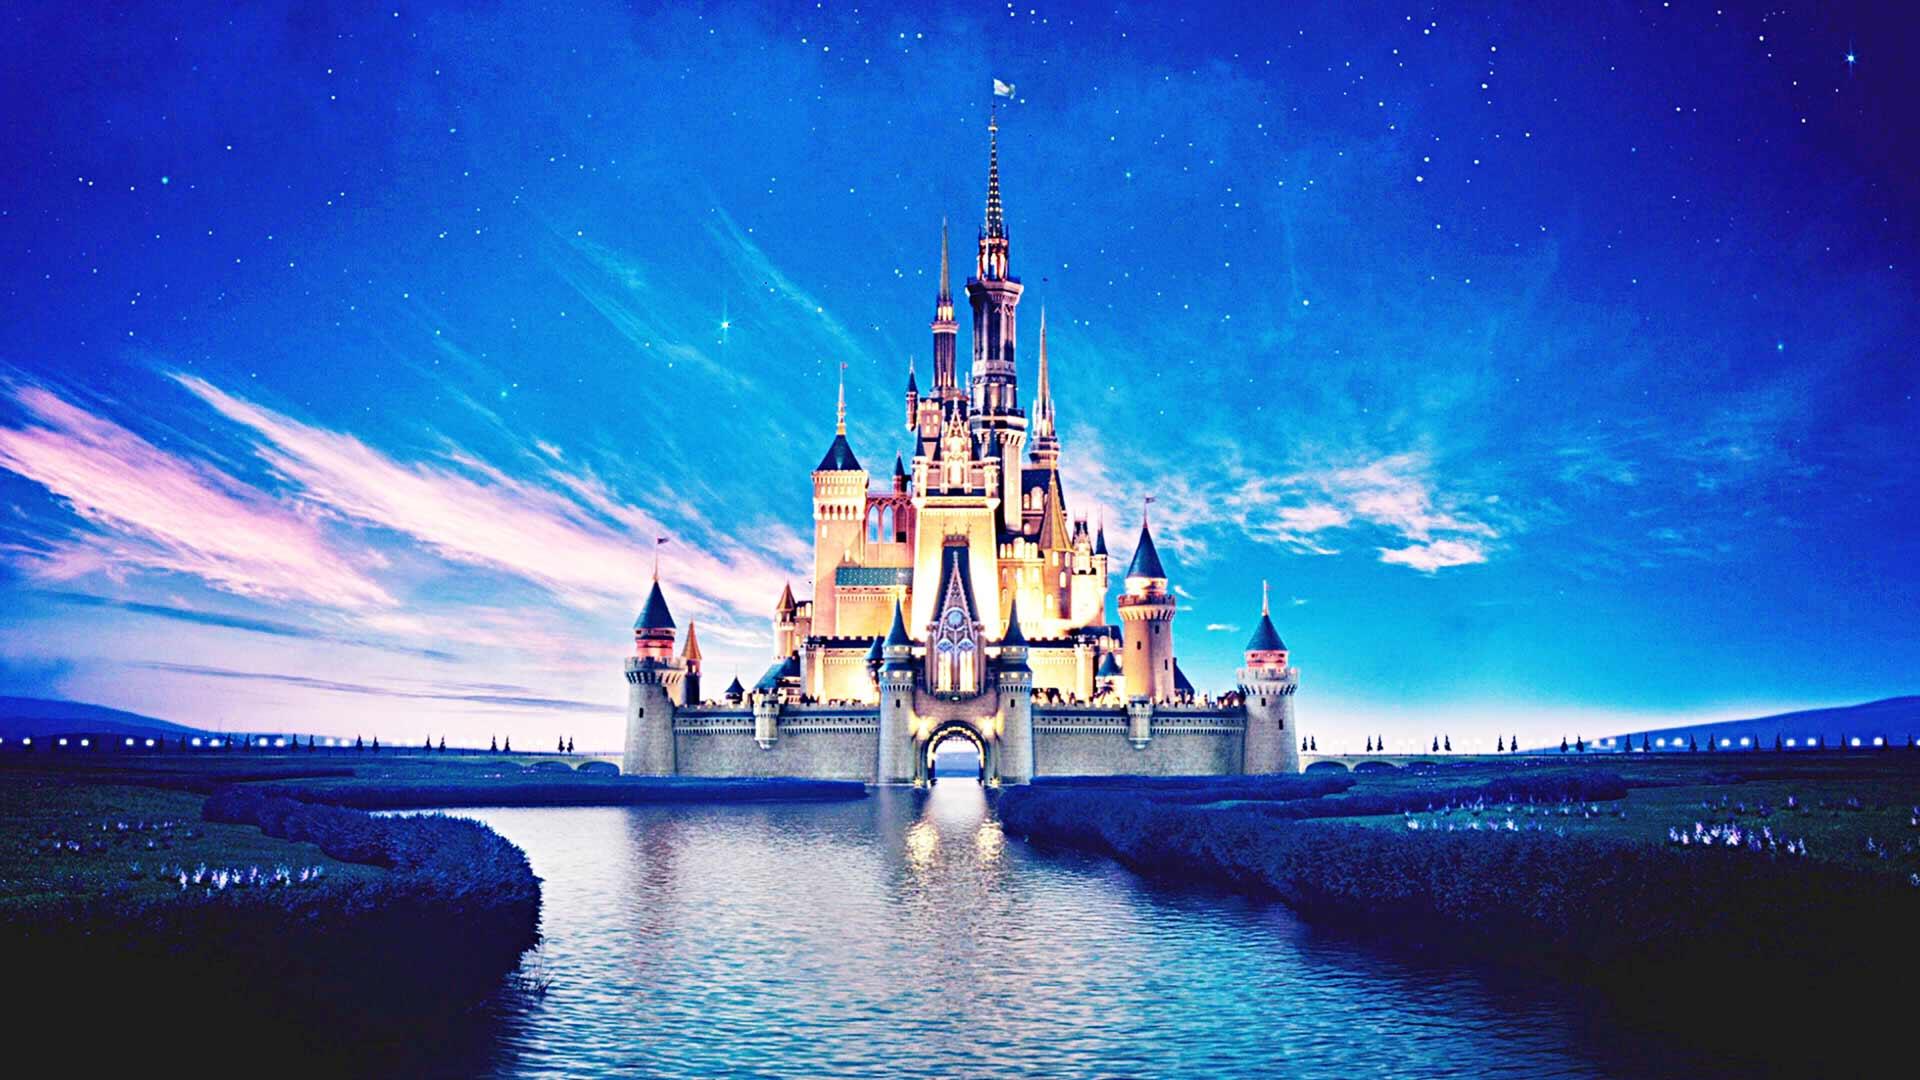 High Resolution Disney Wallpaper Wallpapersafari